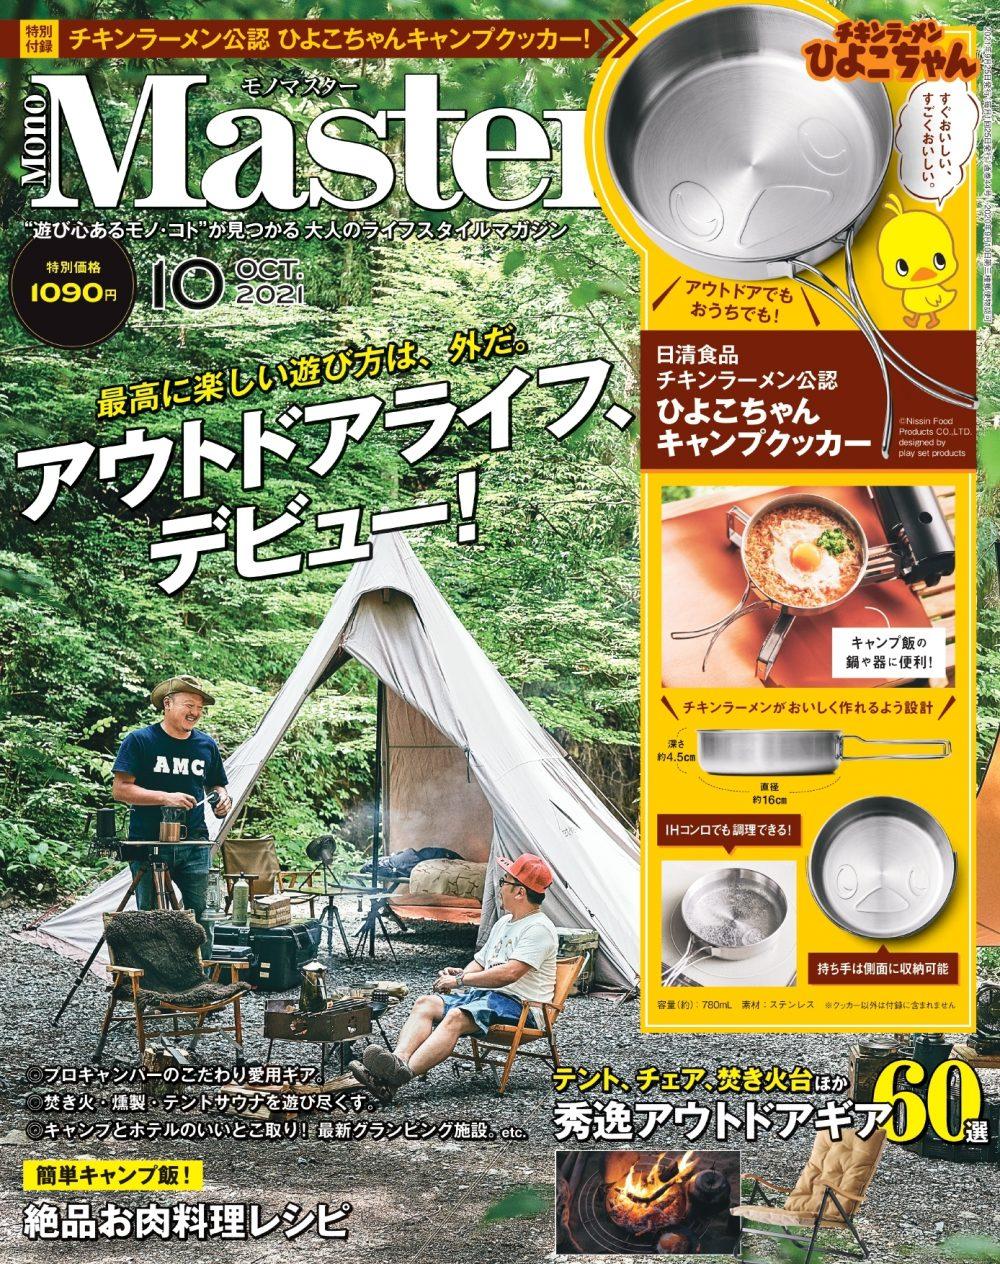 モノマスター最新付録は、チキンラーメン公認「ひよこちゃん」キャンプクッカー!